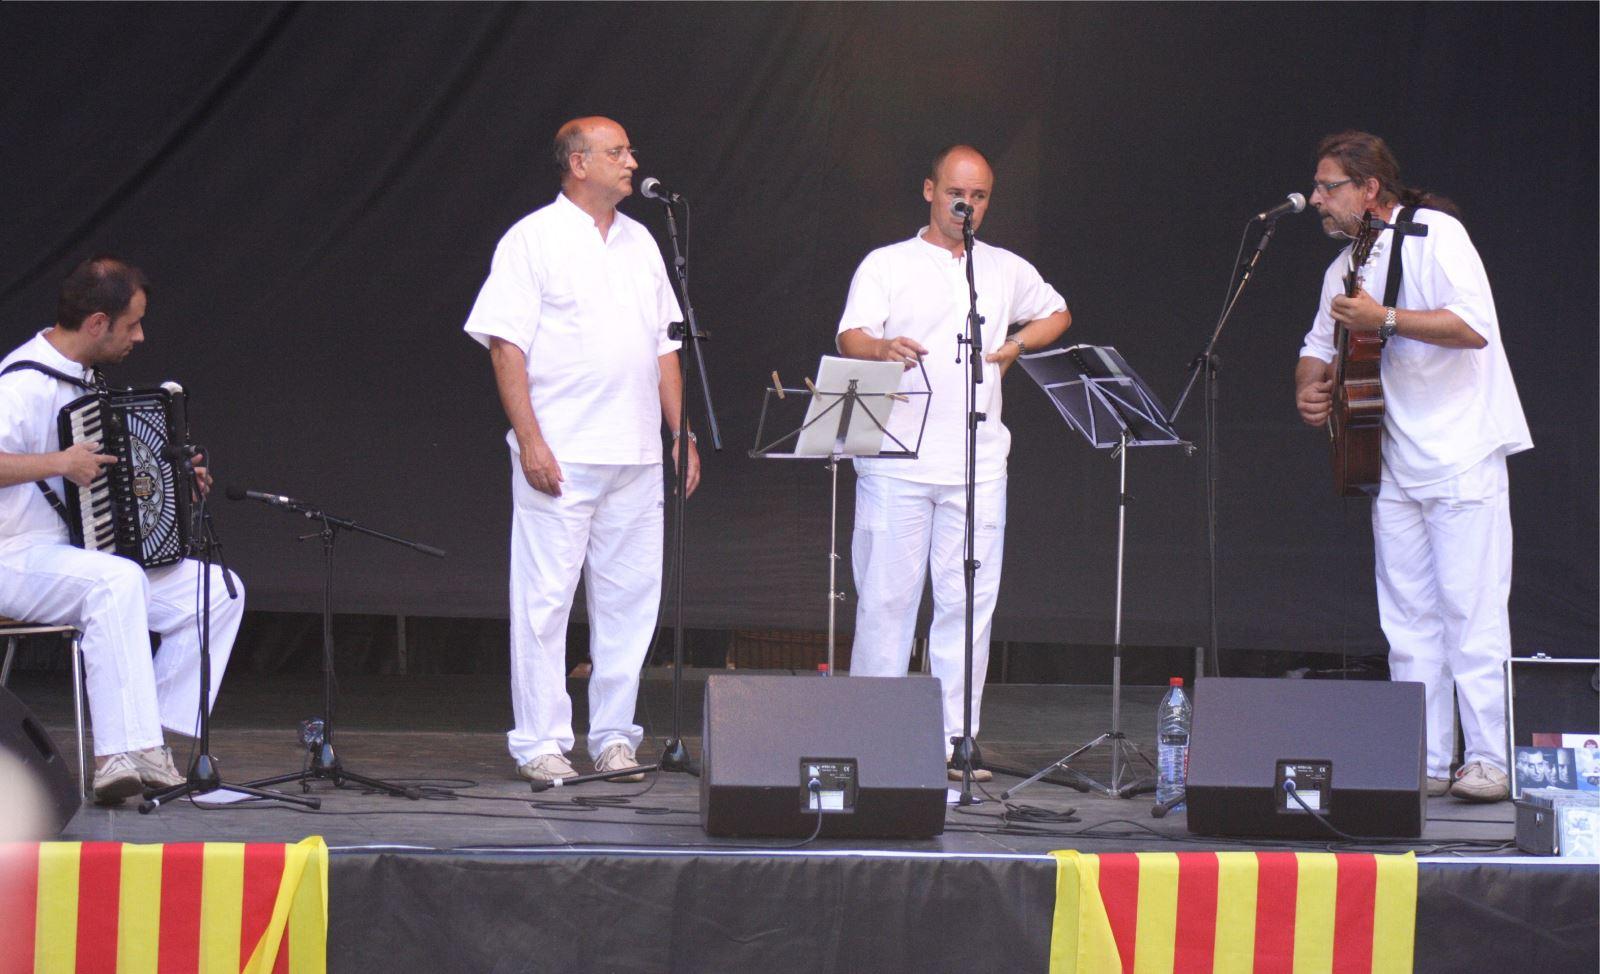 El dia 12 de setembre serem al Correllengua 2015, a  Montoliu de Lleida